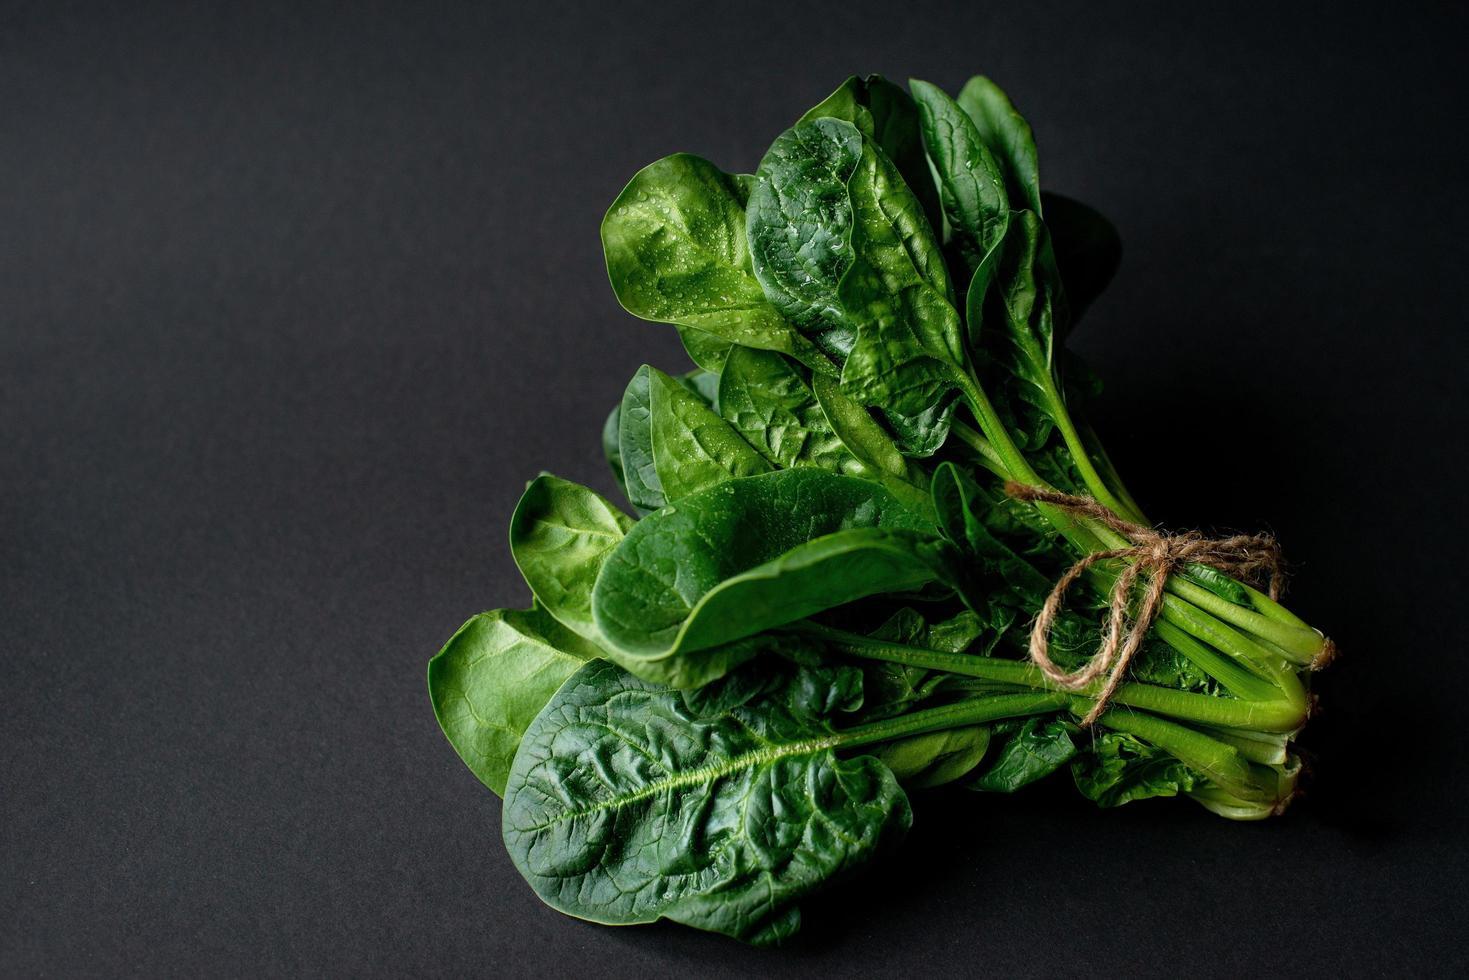 ren mat koncept. gäng löv av färska ekologiska spenatgröna på en svart bakgrund. hälsosam detox vår-sommar kost. vegansk rå mat. foto